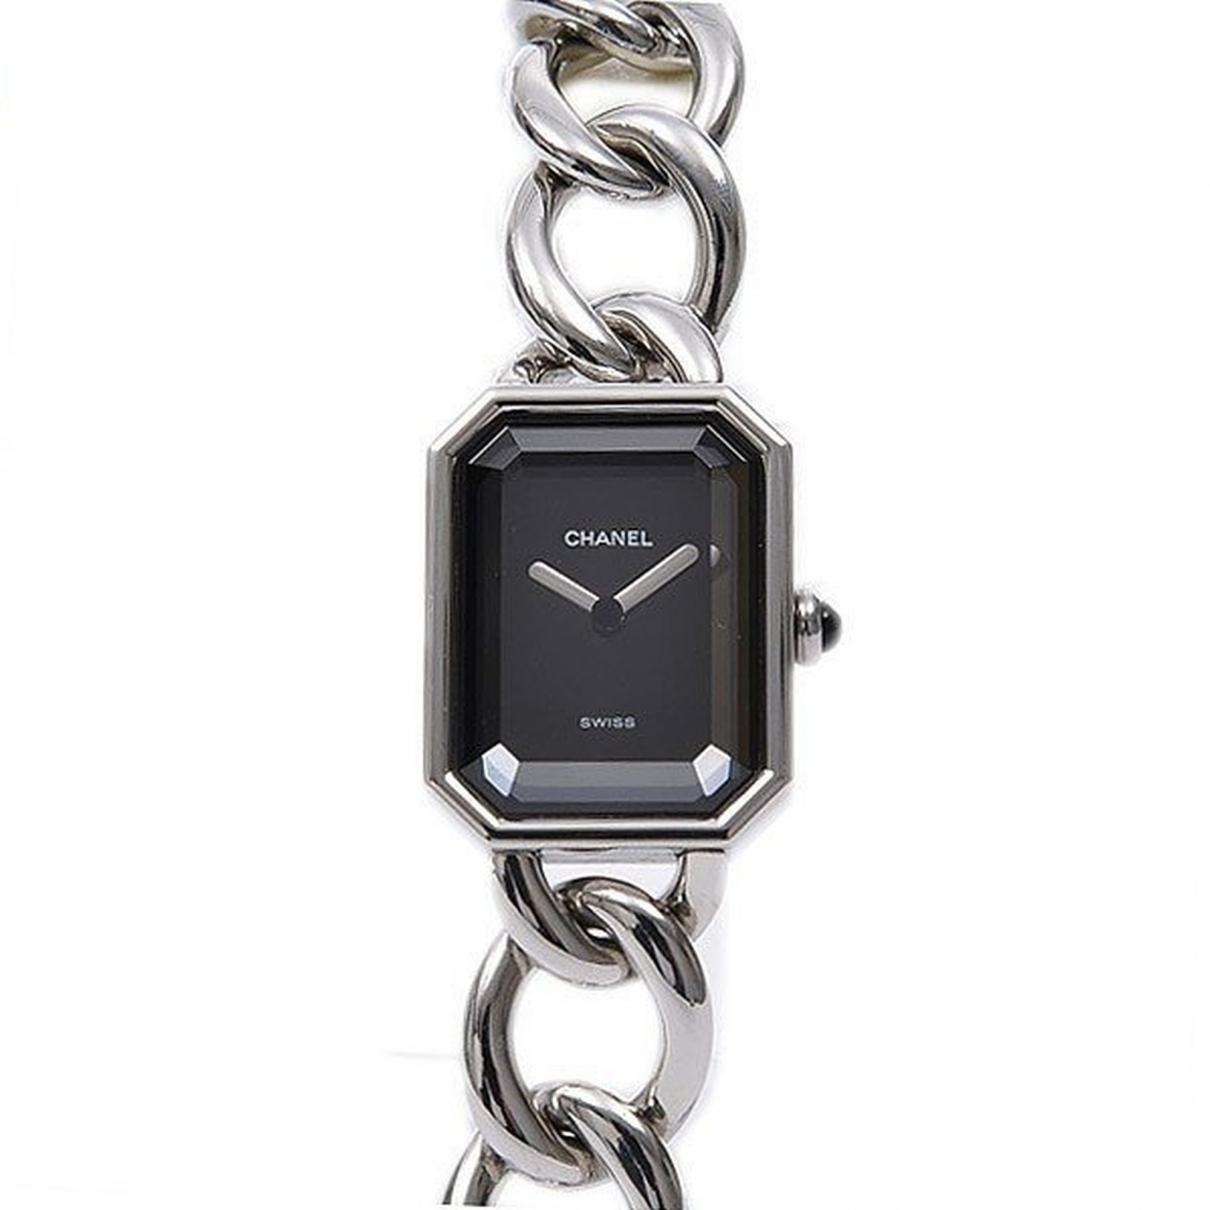 Chanel Premiere Chaine Uhr in  Silber Stahl